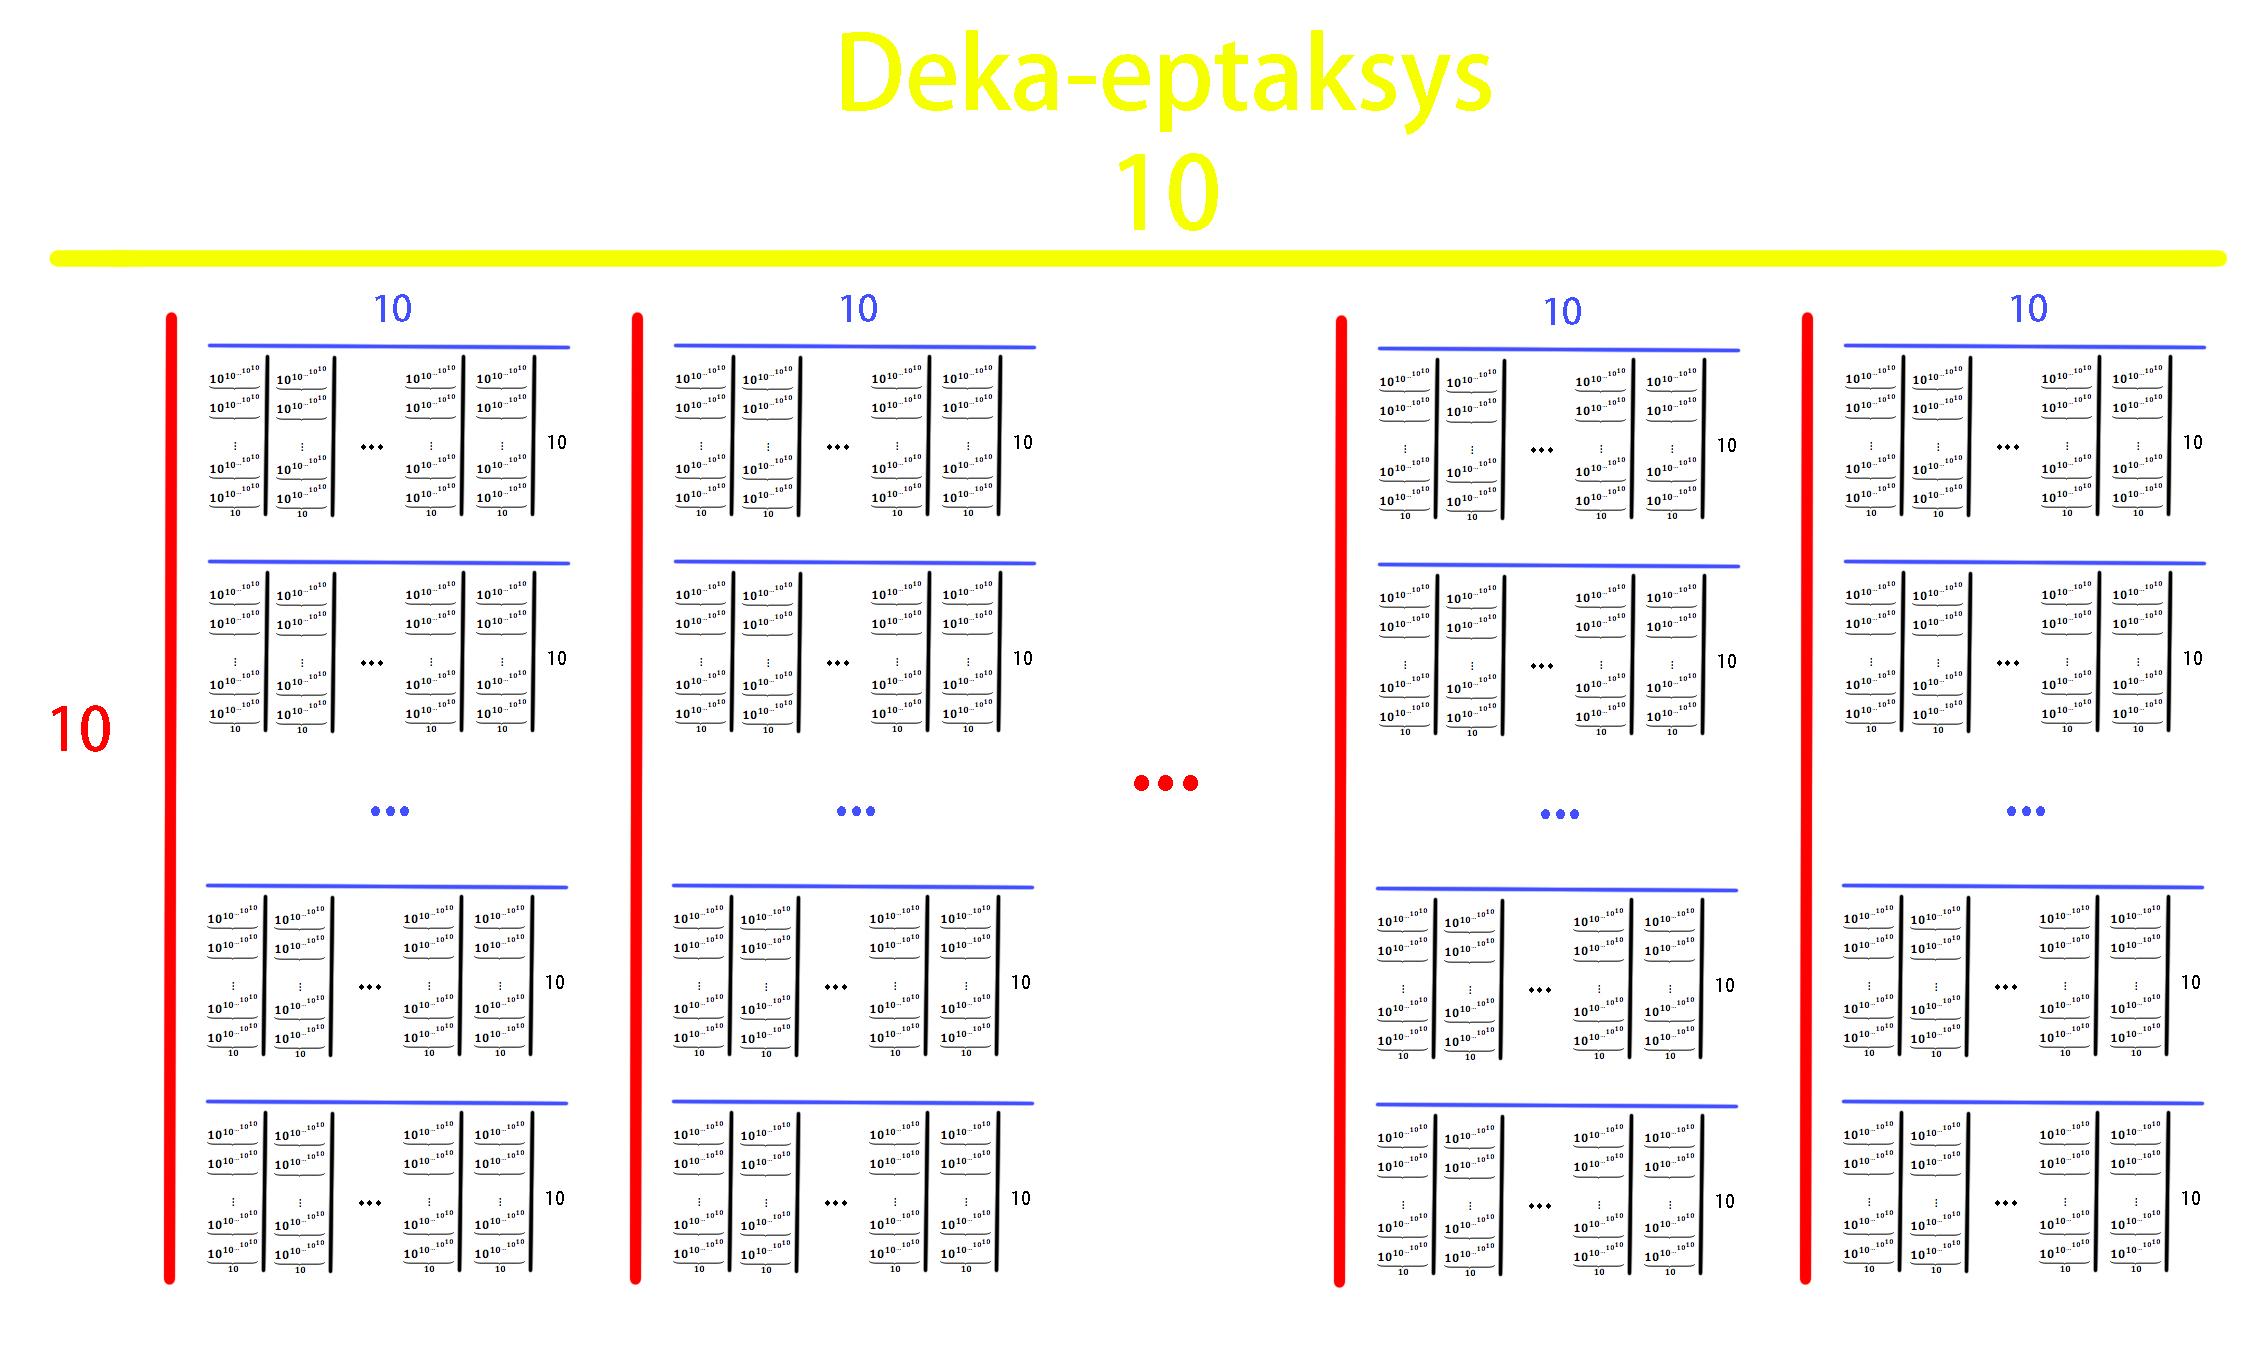 Deka-eptaxis